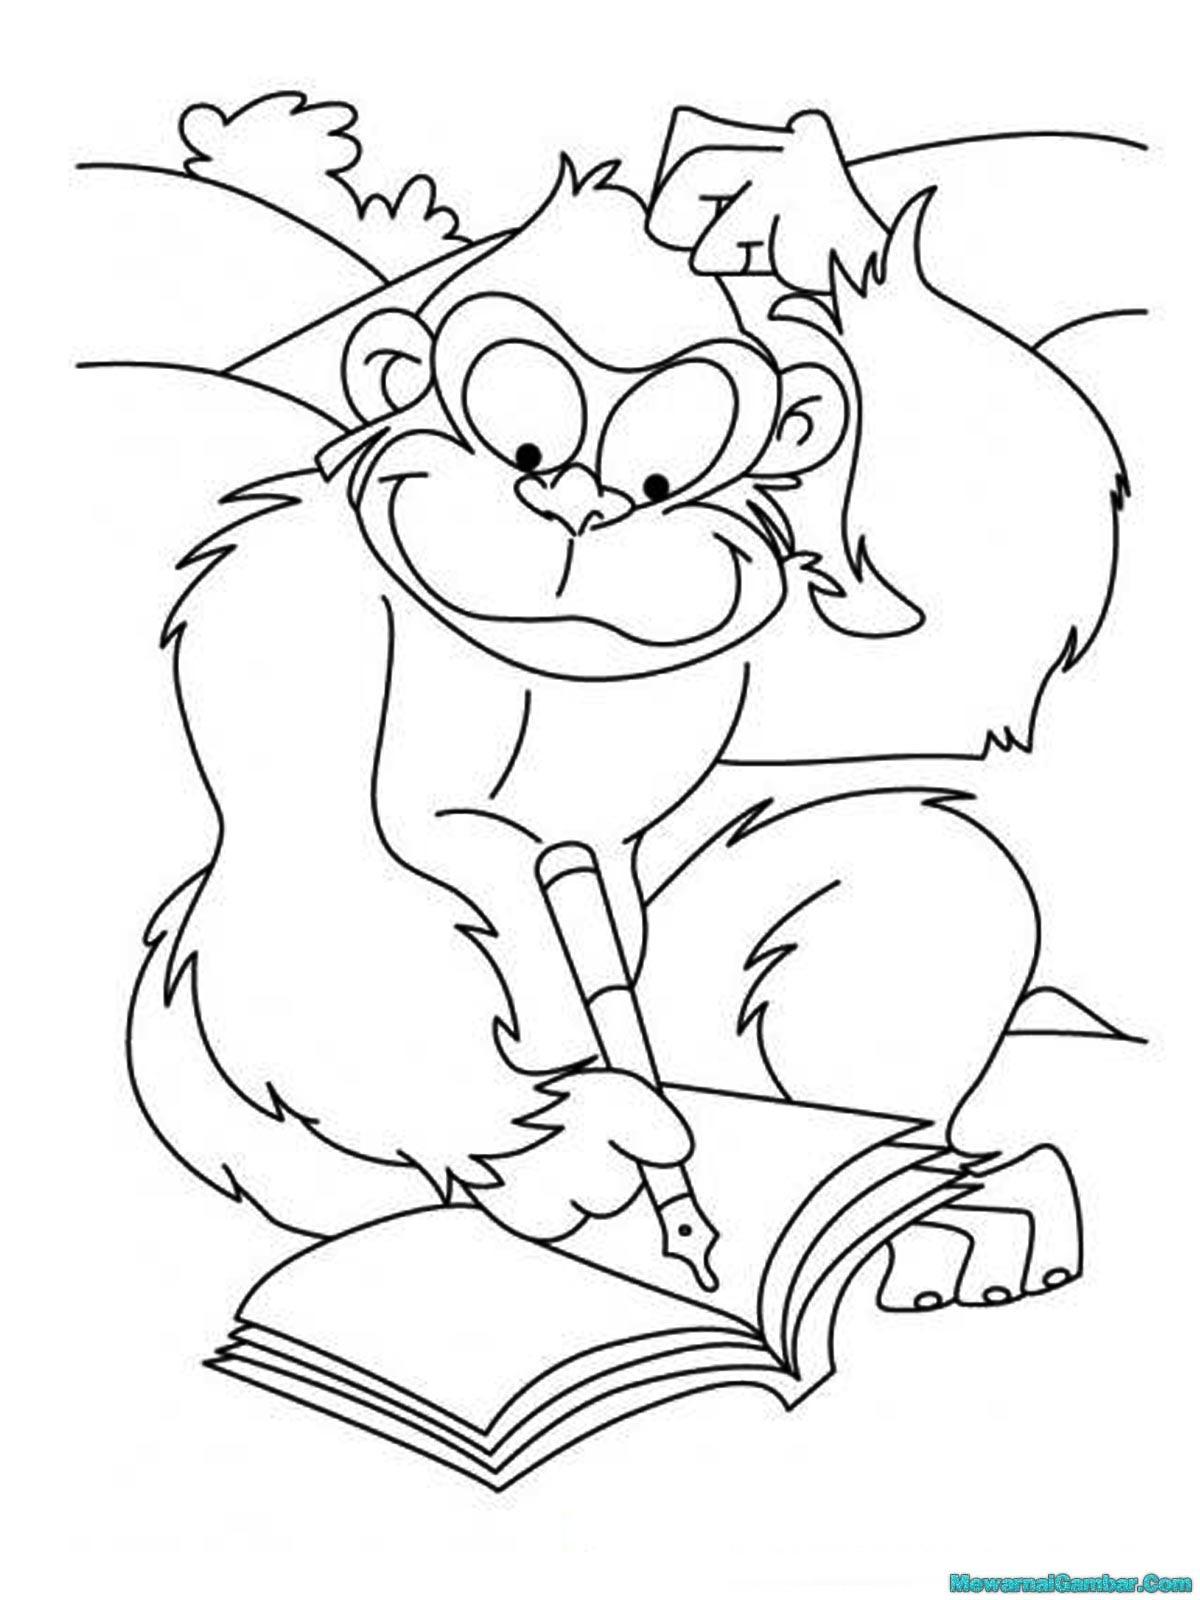 Mewarnai Gambar Gorila Yang Pintar Sedang Menulis Puisi